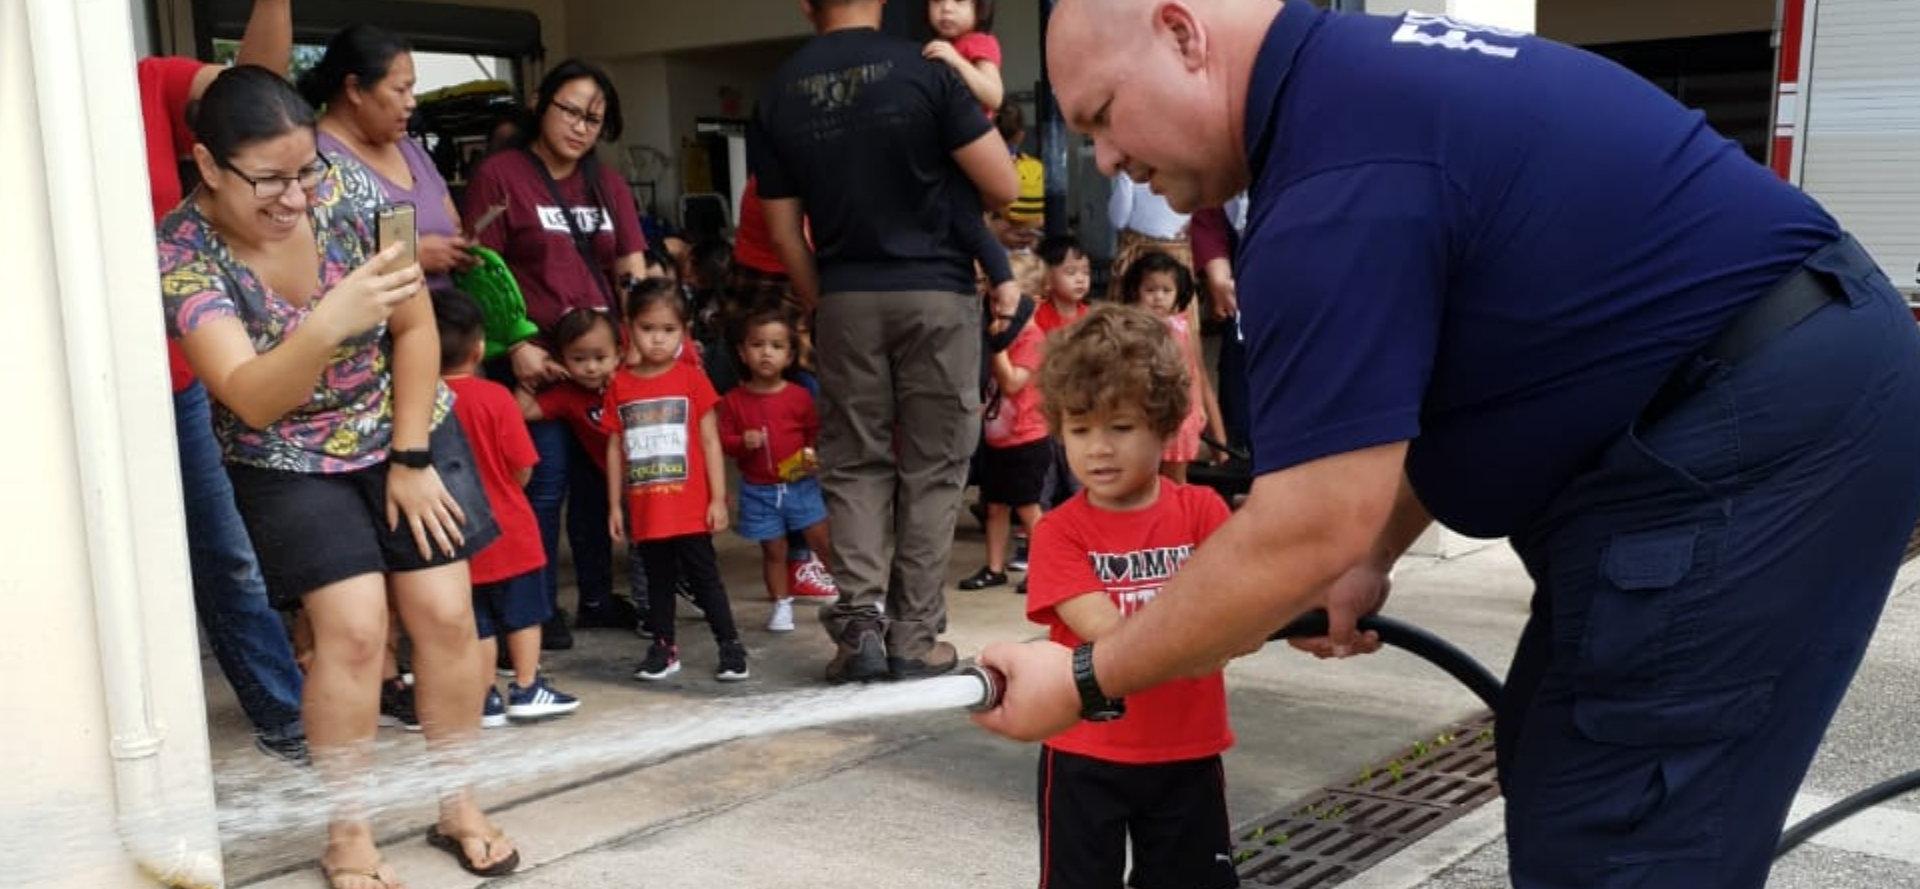 little girl firefighter